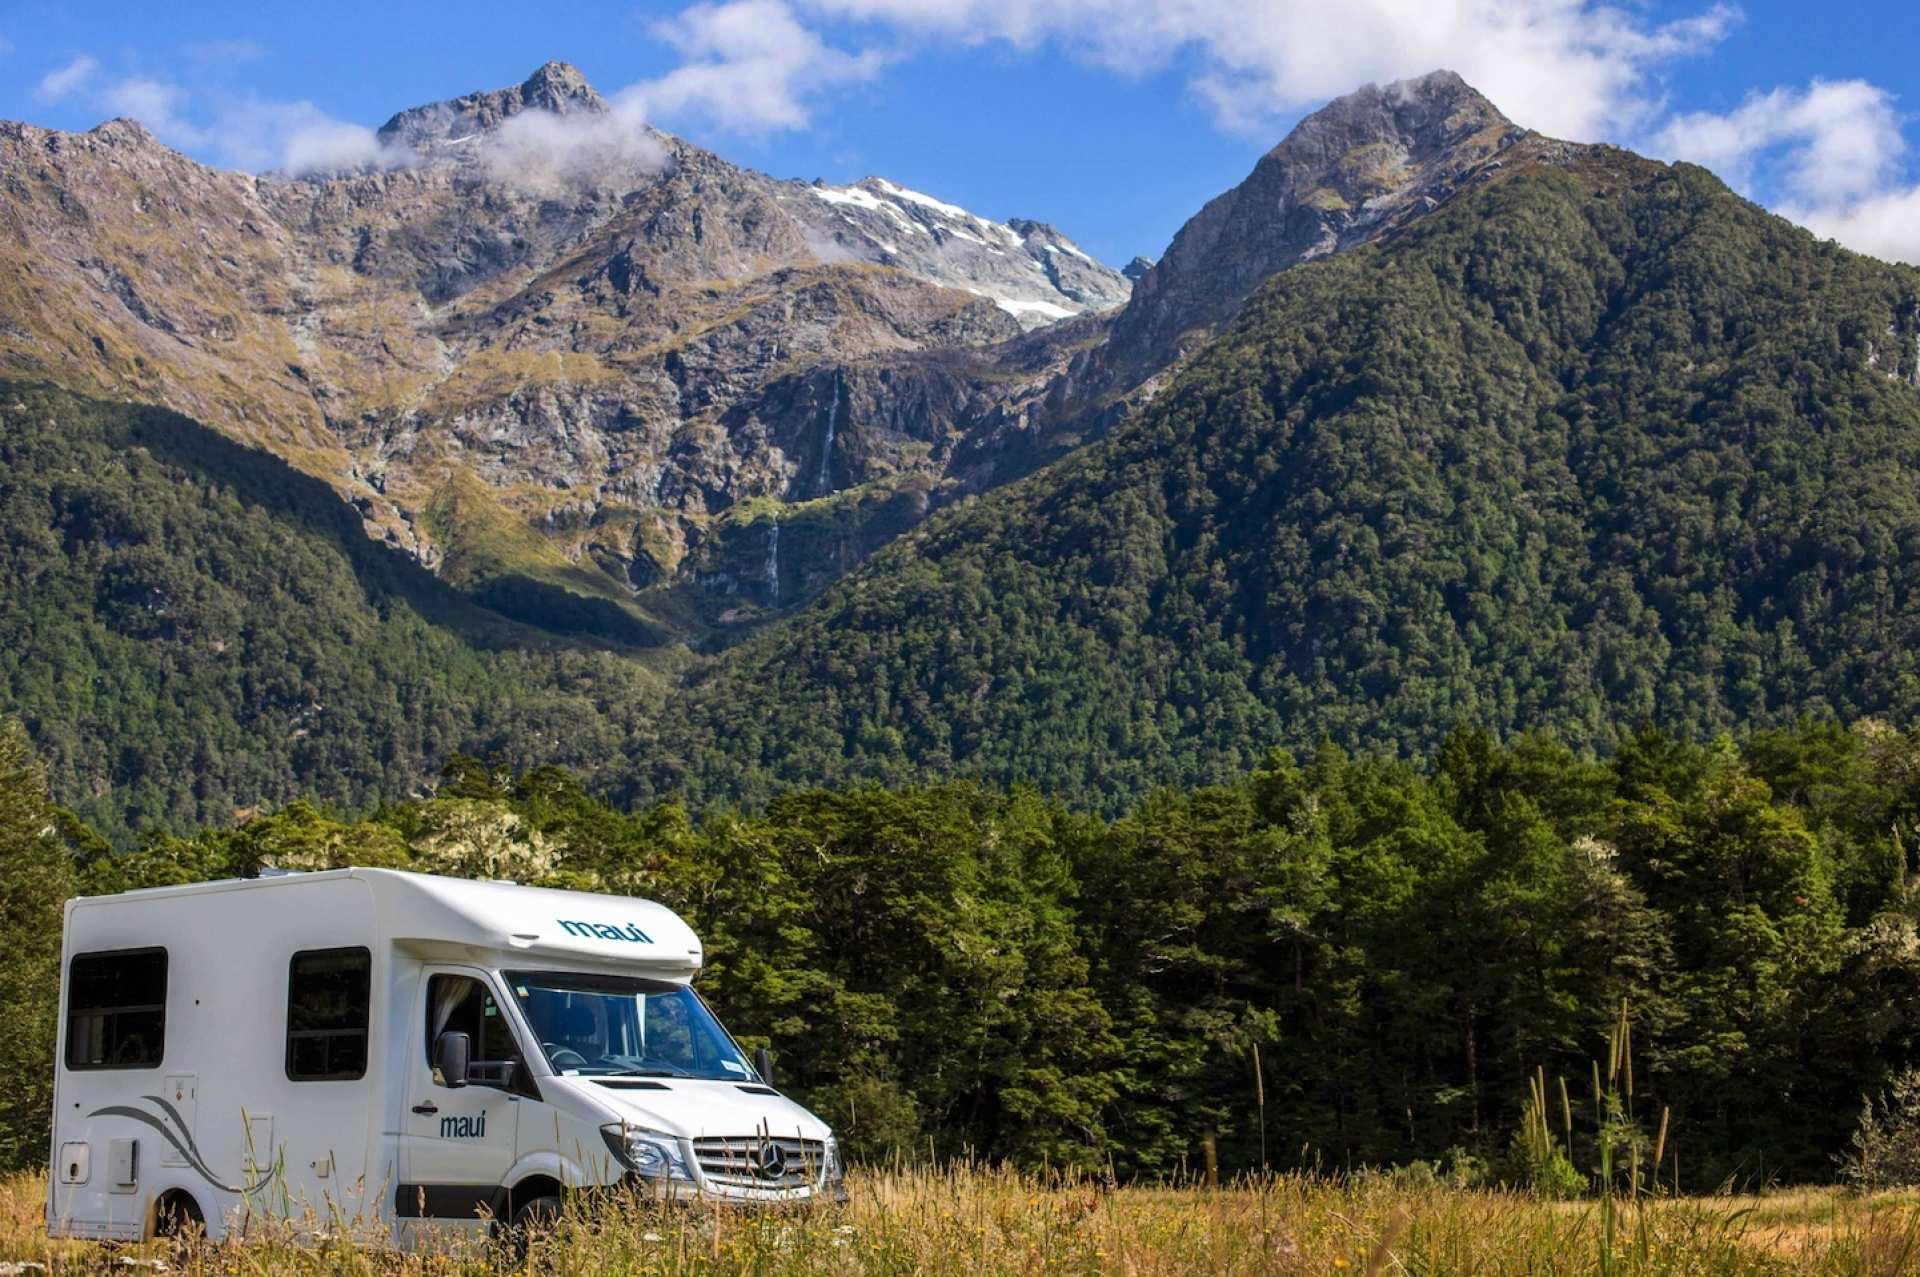 【紐西蘭租車】MAUI 四人座瀑布型露營車(基督城取 / 基督城還)